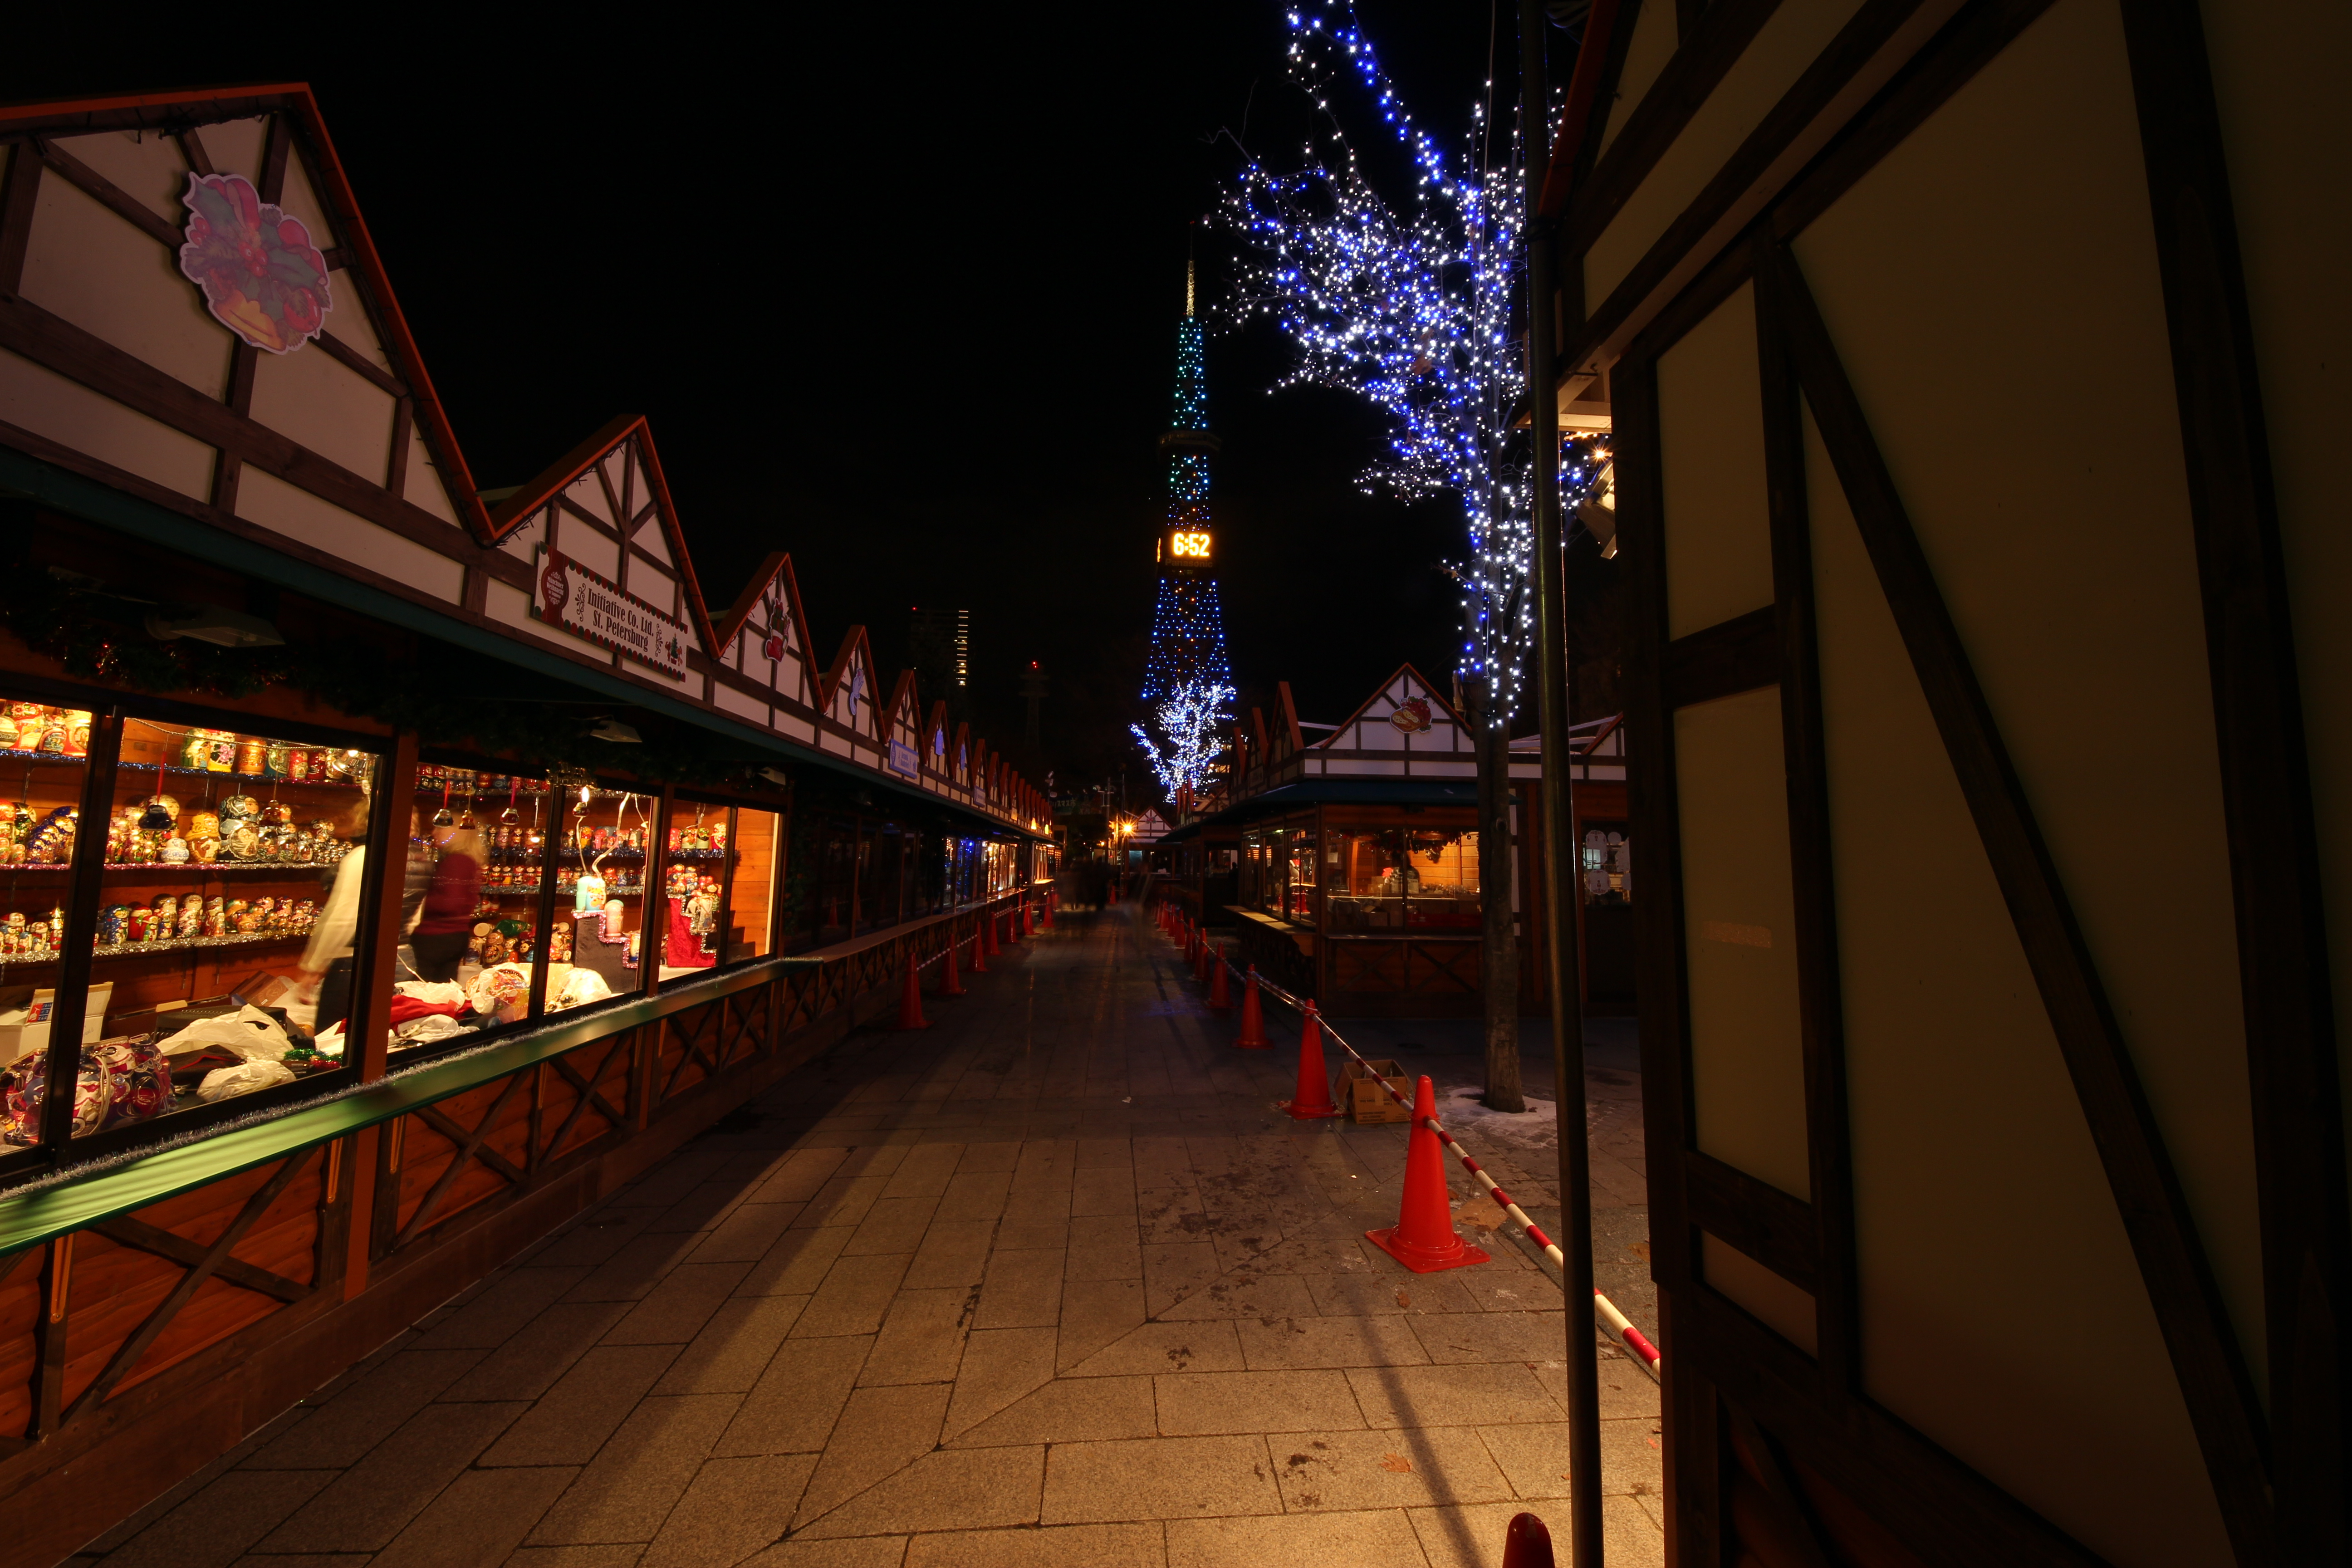 「ミュンヘン・クリスマス市 in Sapporo」というイベントも(少し遅れての開催なので、このときはまだ工事中)。EOS M / SIGMA 8-16mm F4.5-5.6 DC HSM / 5,184×3,456 / 3.2秒 / F11 / ISO100 / WB:太陽光 / 8mm(12.8mm相当)